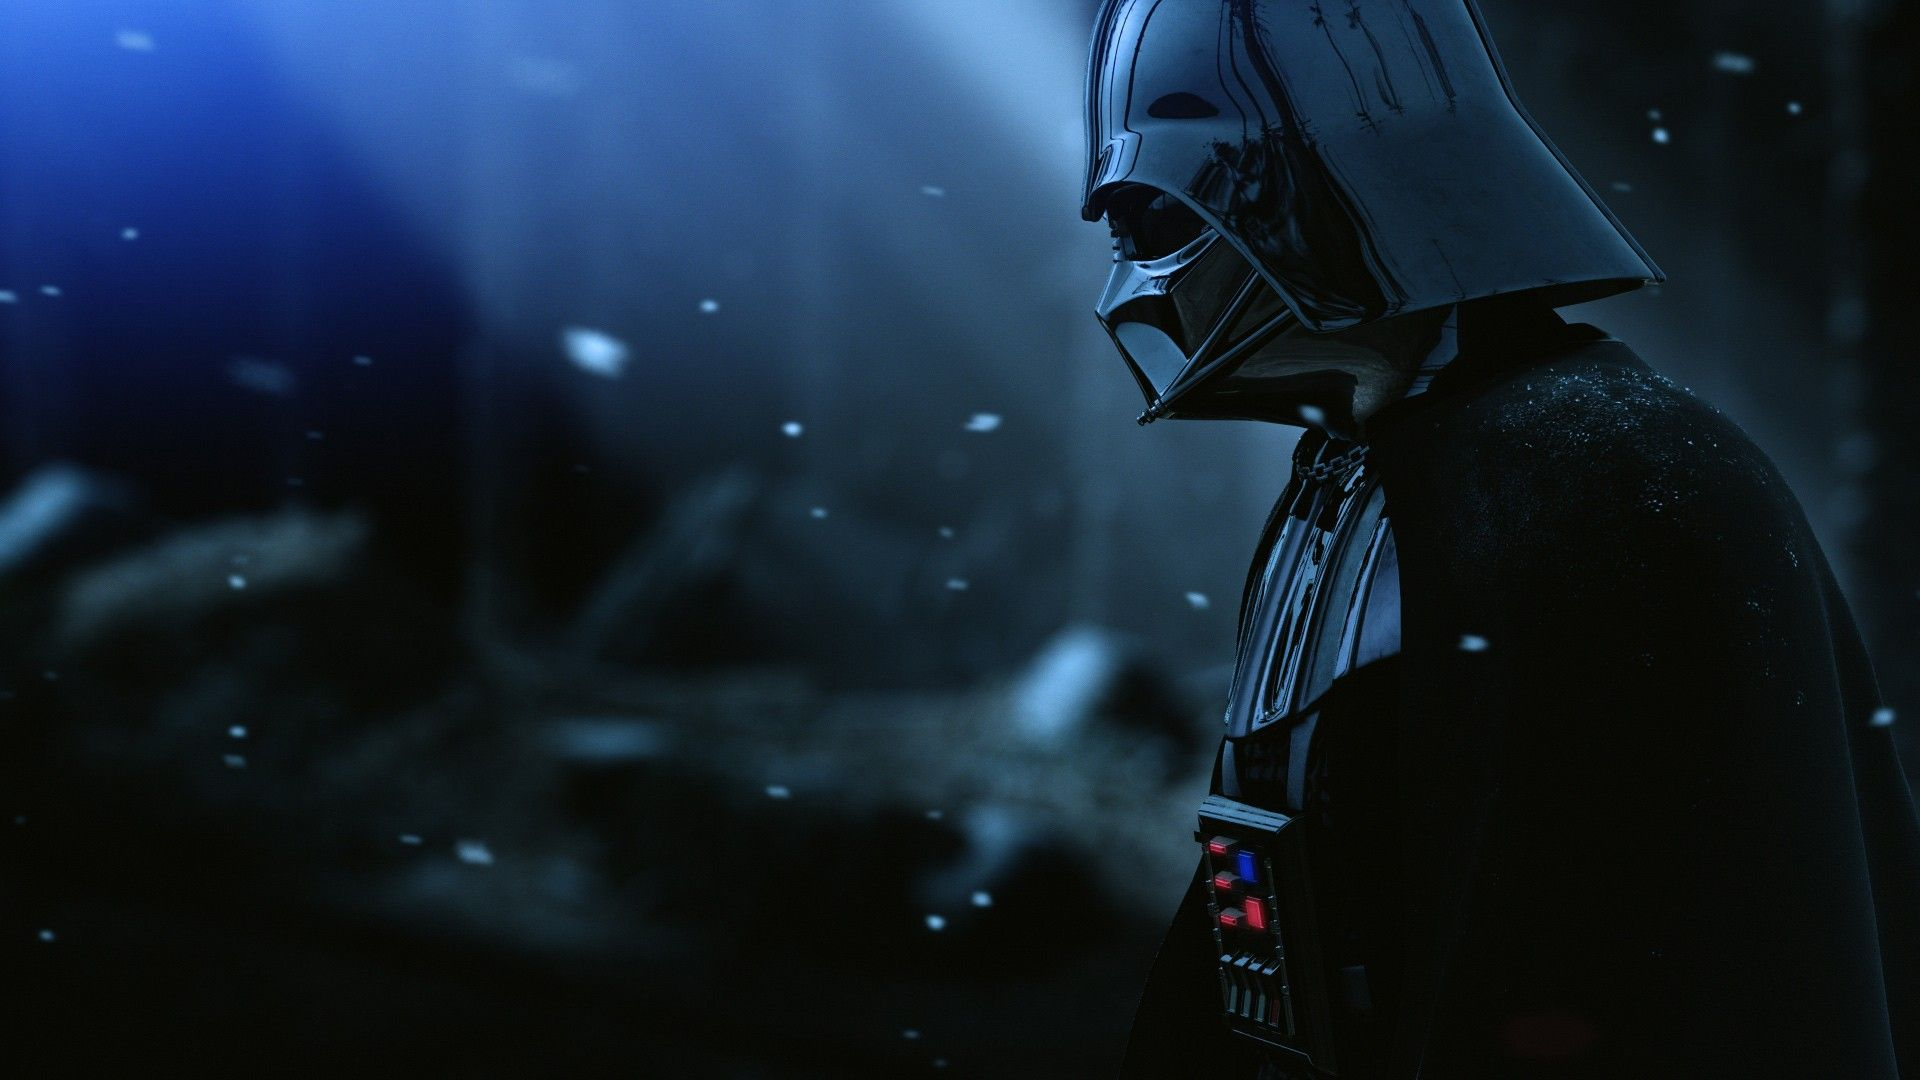 Star Wars Darth Vader 1920x1080 Wallpaper Darth Vader Wallpaper Star Wars Background Star Wars Wallpaper